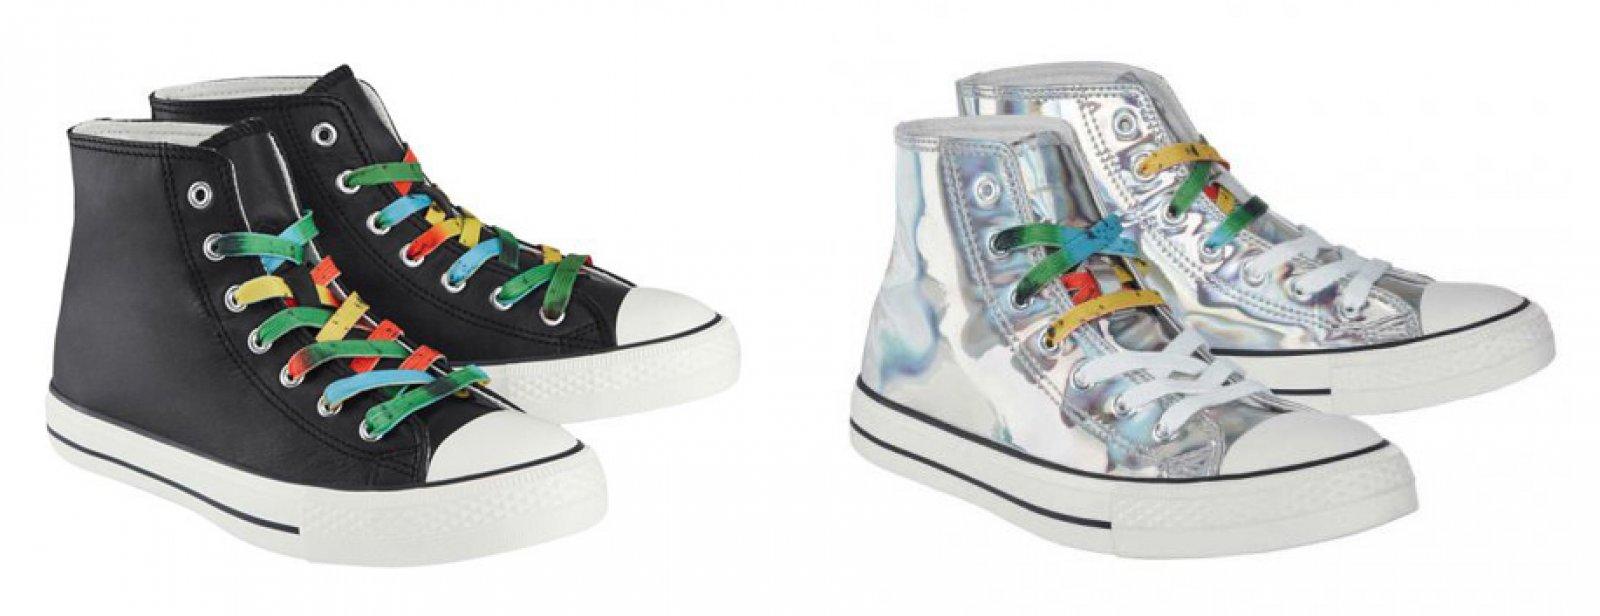 Algunos modelos de calzado que se podrán comprar en Lidl por 22,90 euros